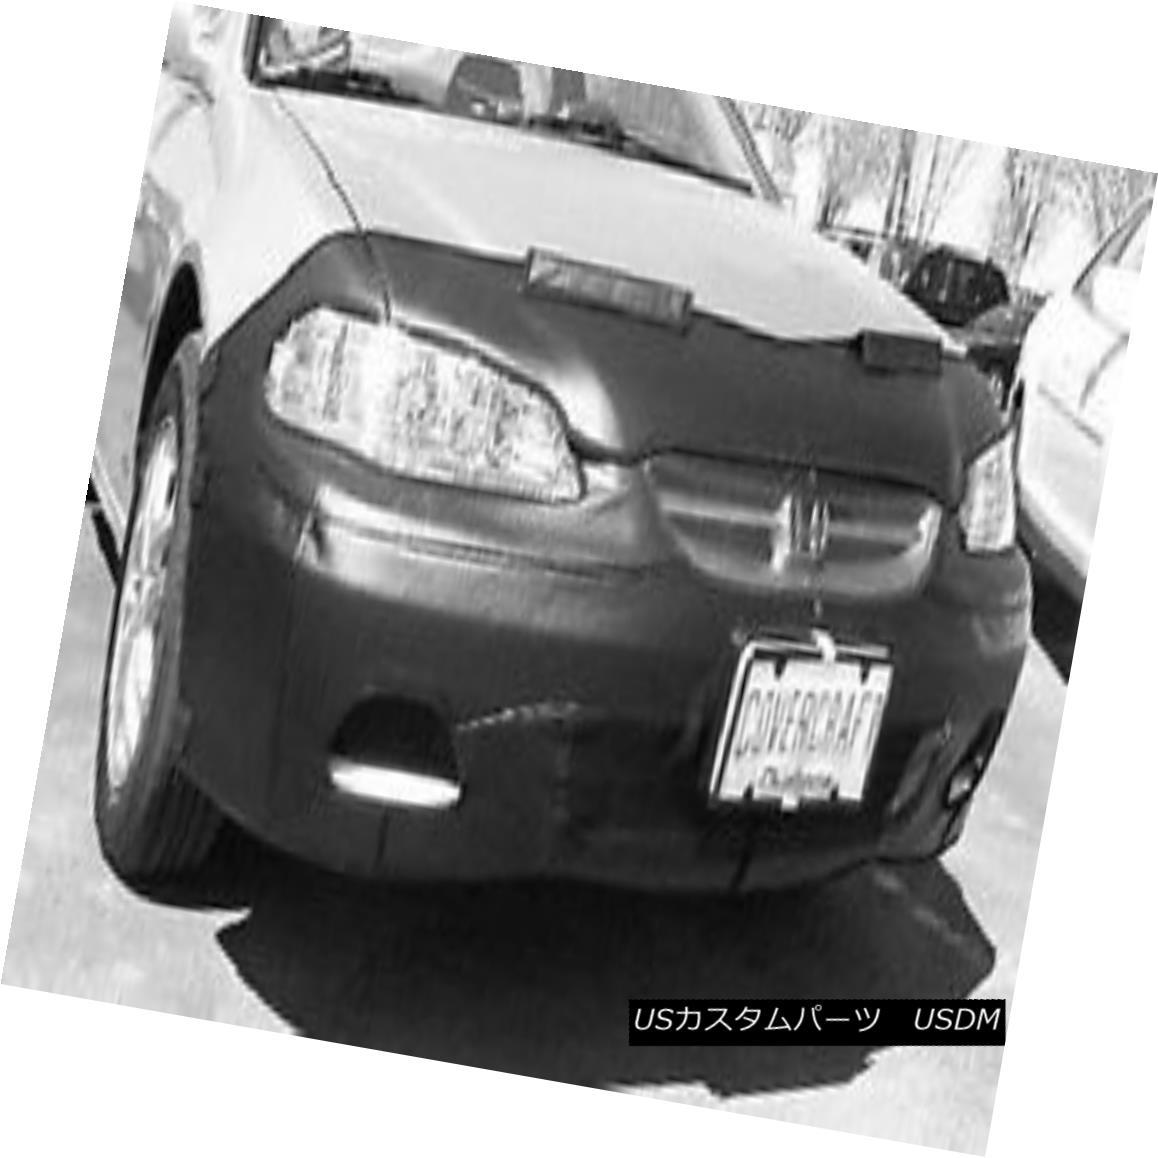 フルブラ ノーズブラ Front End Mask Car Bra Fits 2001-02 HONDA ACCORD 2 DOOR CP フロントエンドマスクカーブラフィット2001-02 HONDA ACCORD 2 DOOR CP